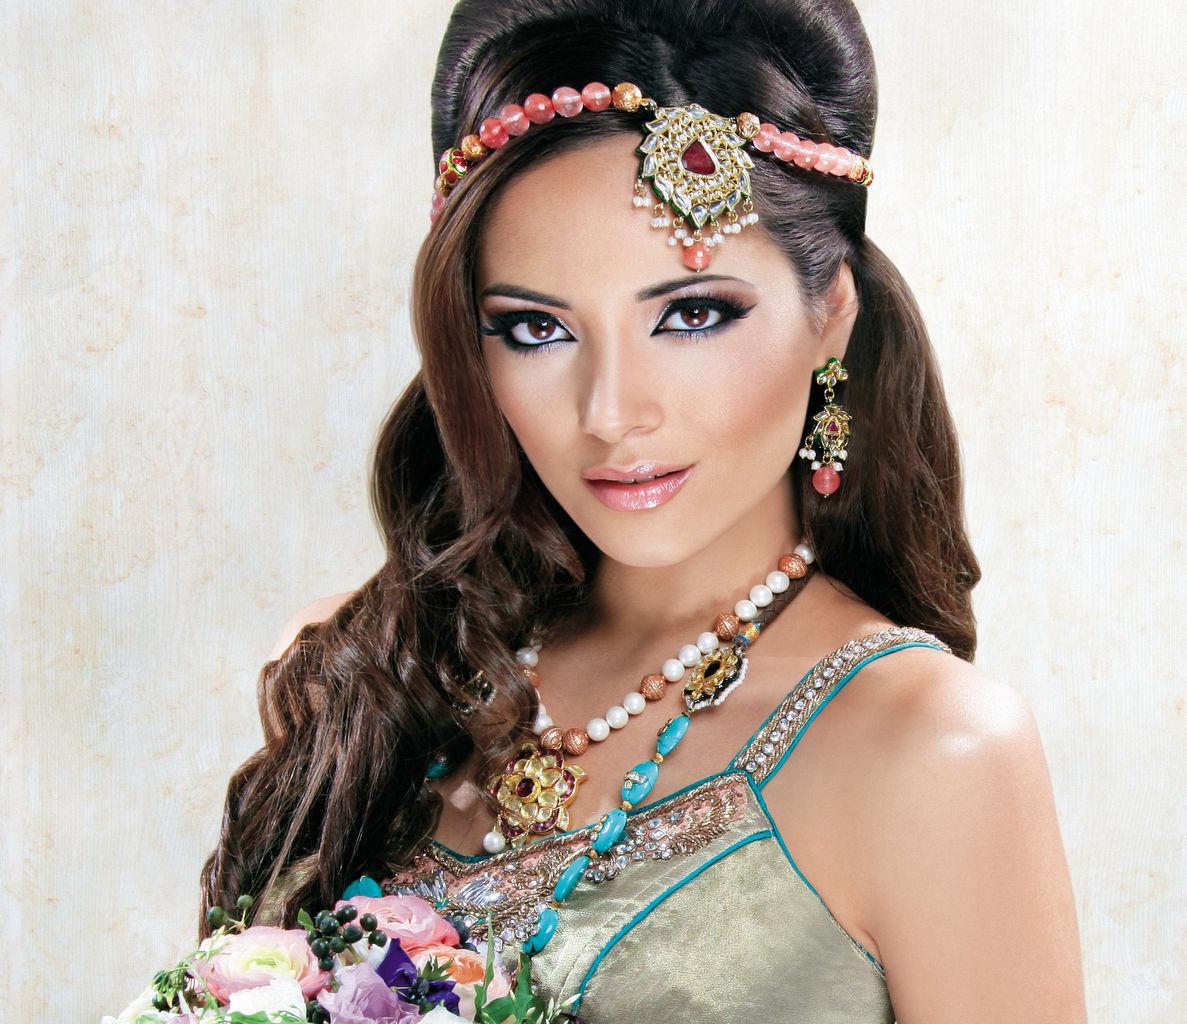 Makeup Artist Annie Shah